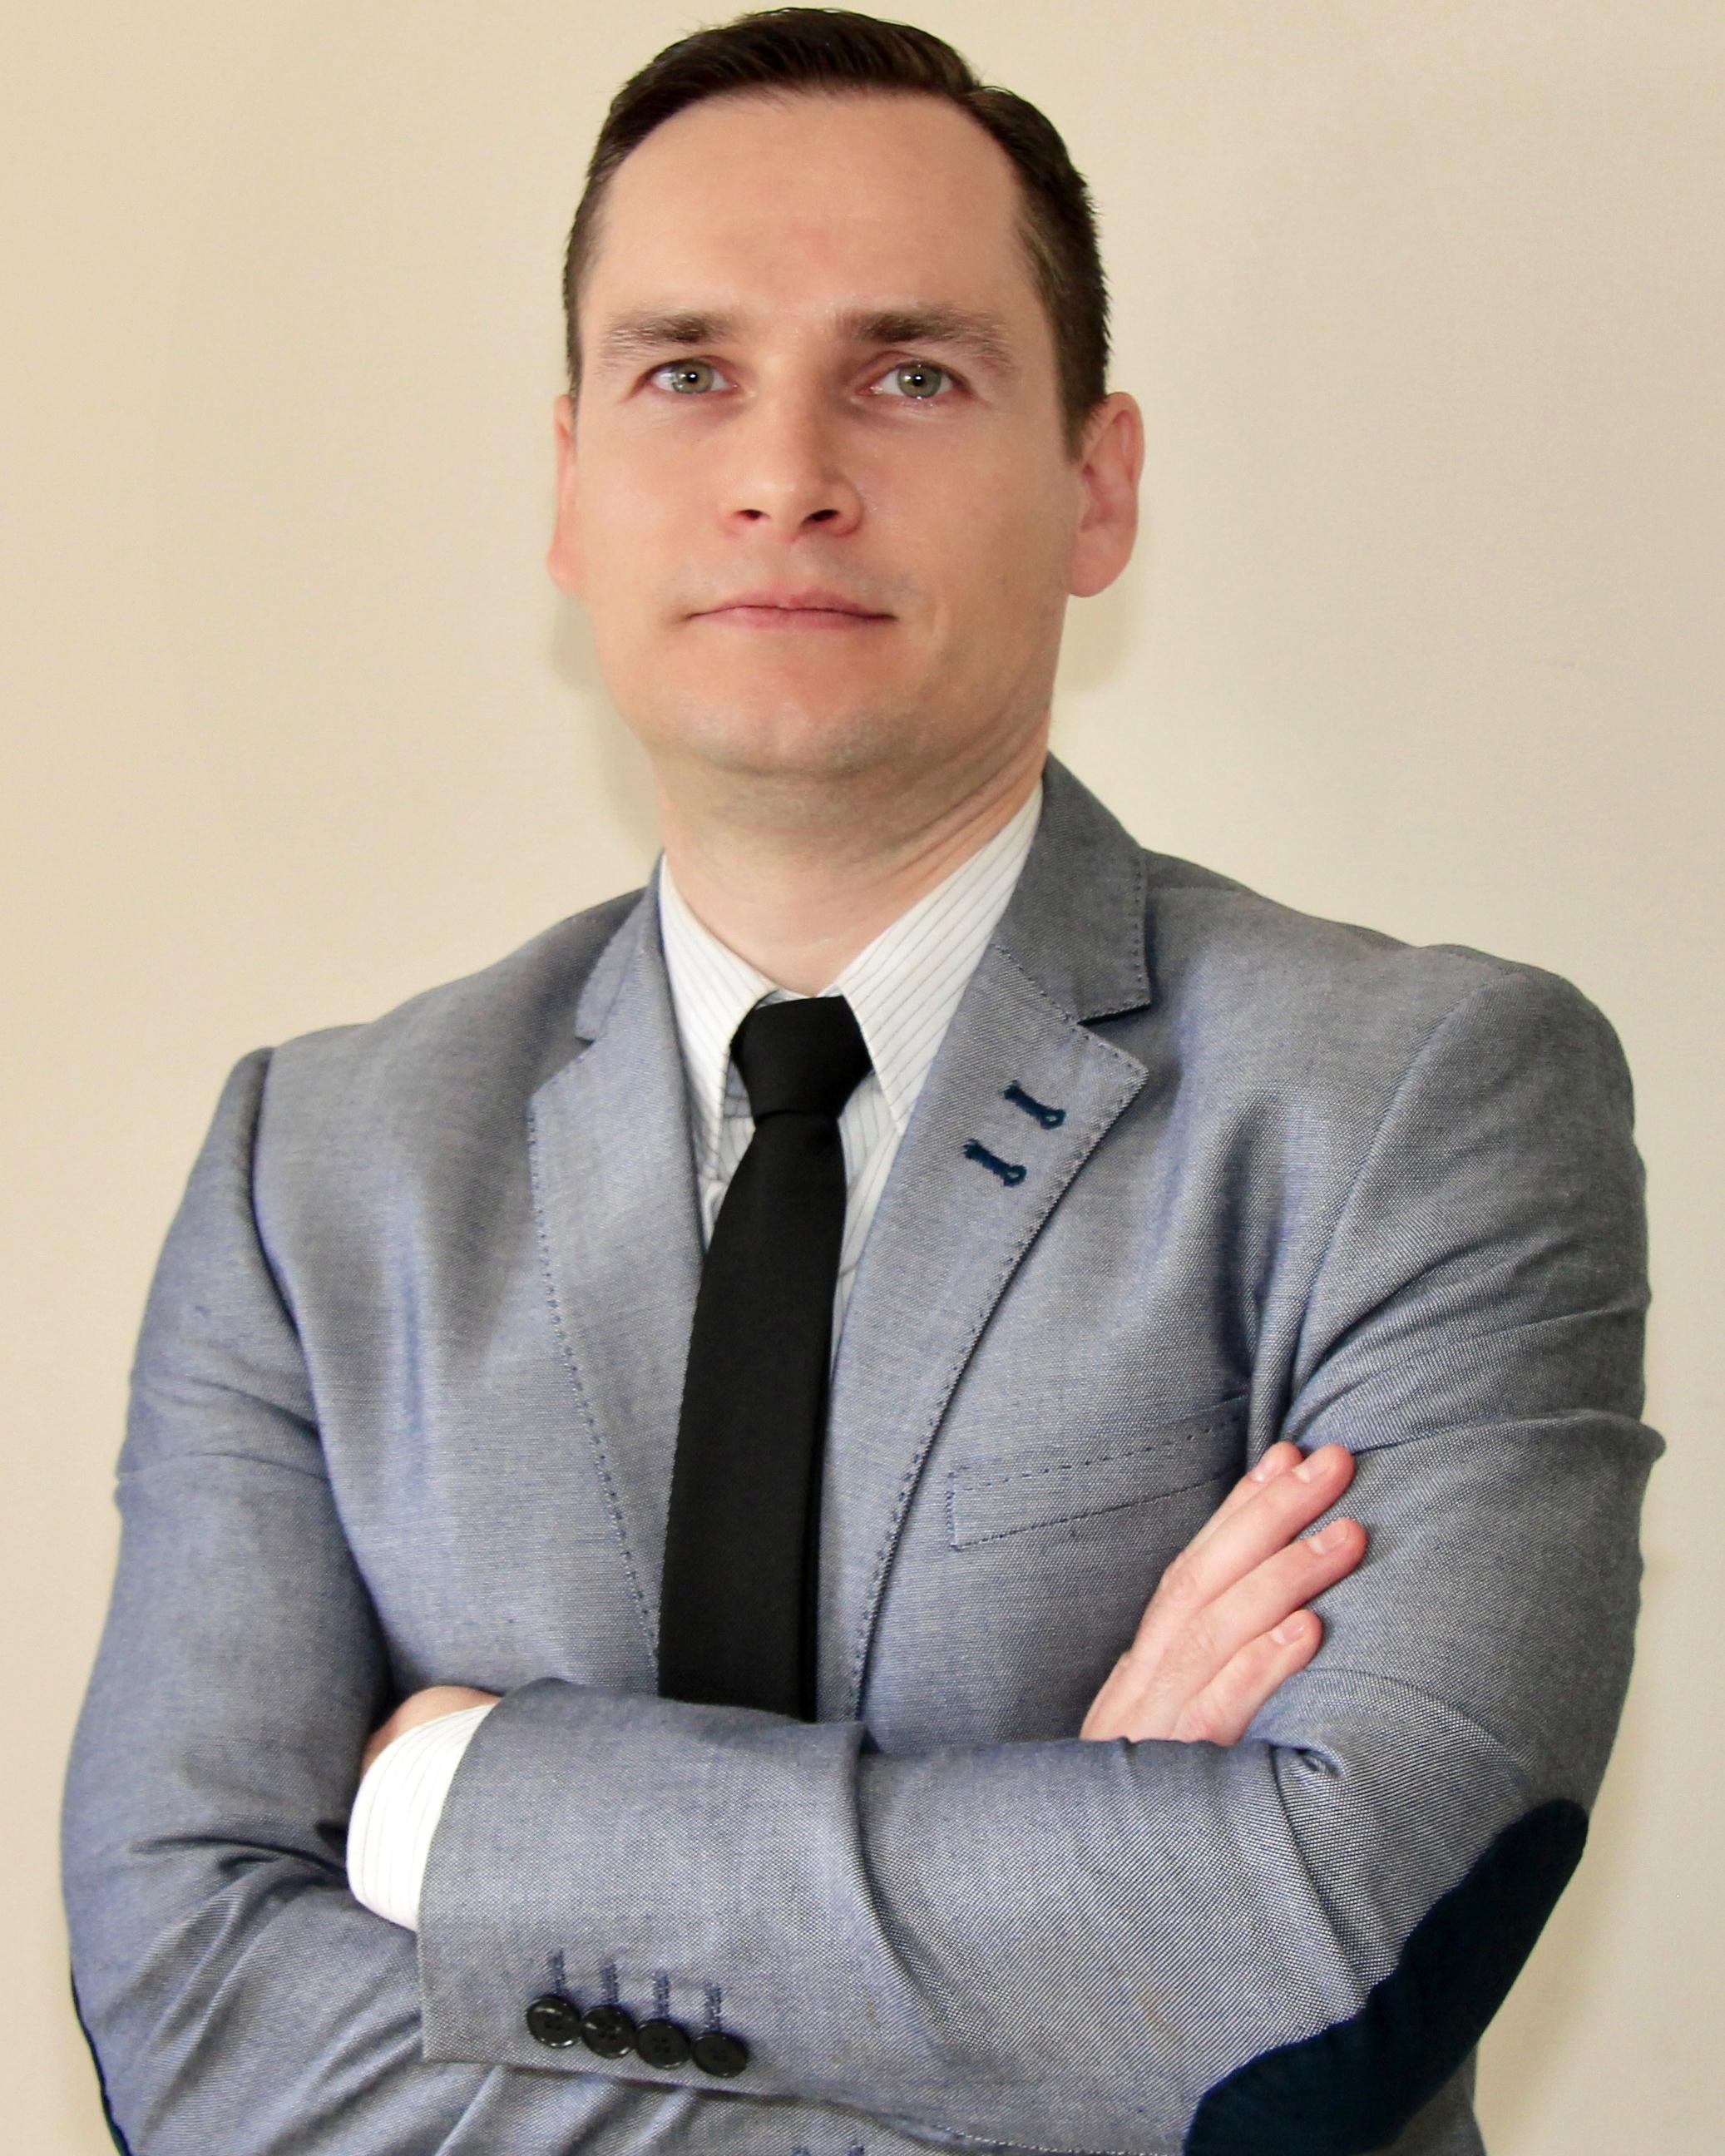 Paulius Petraitis